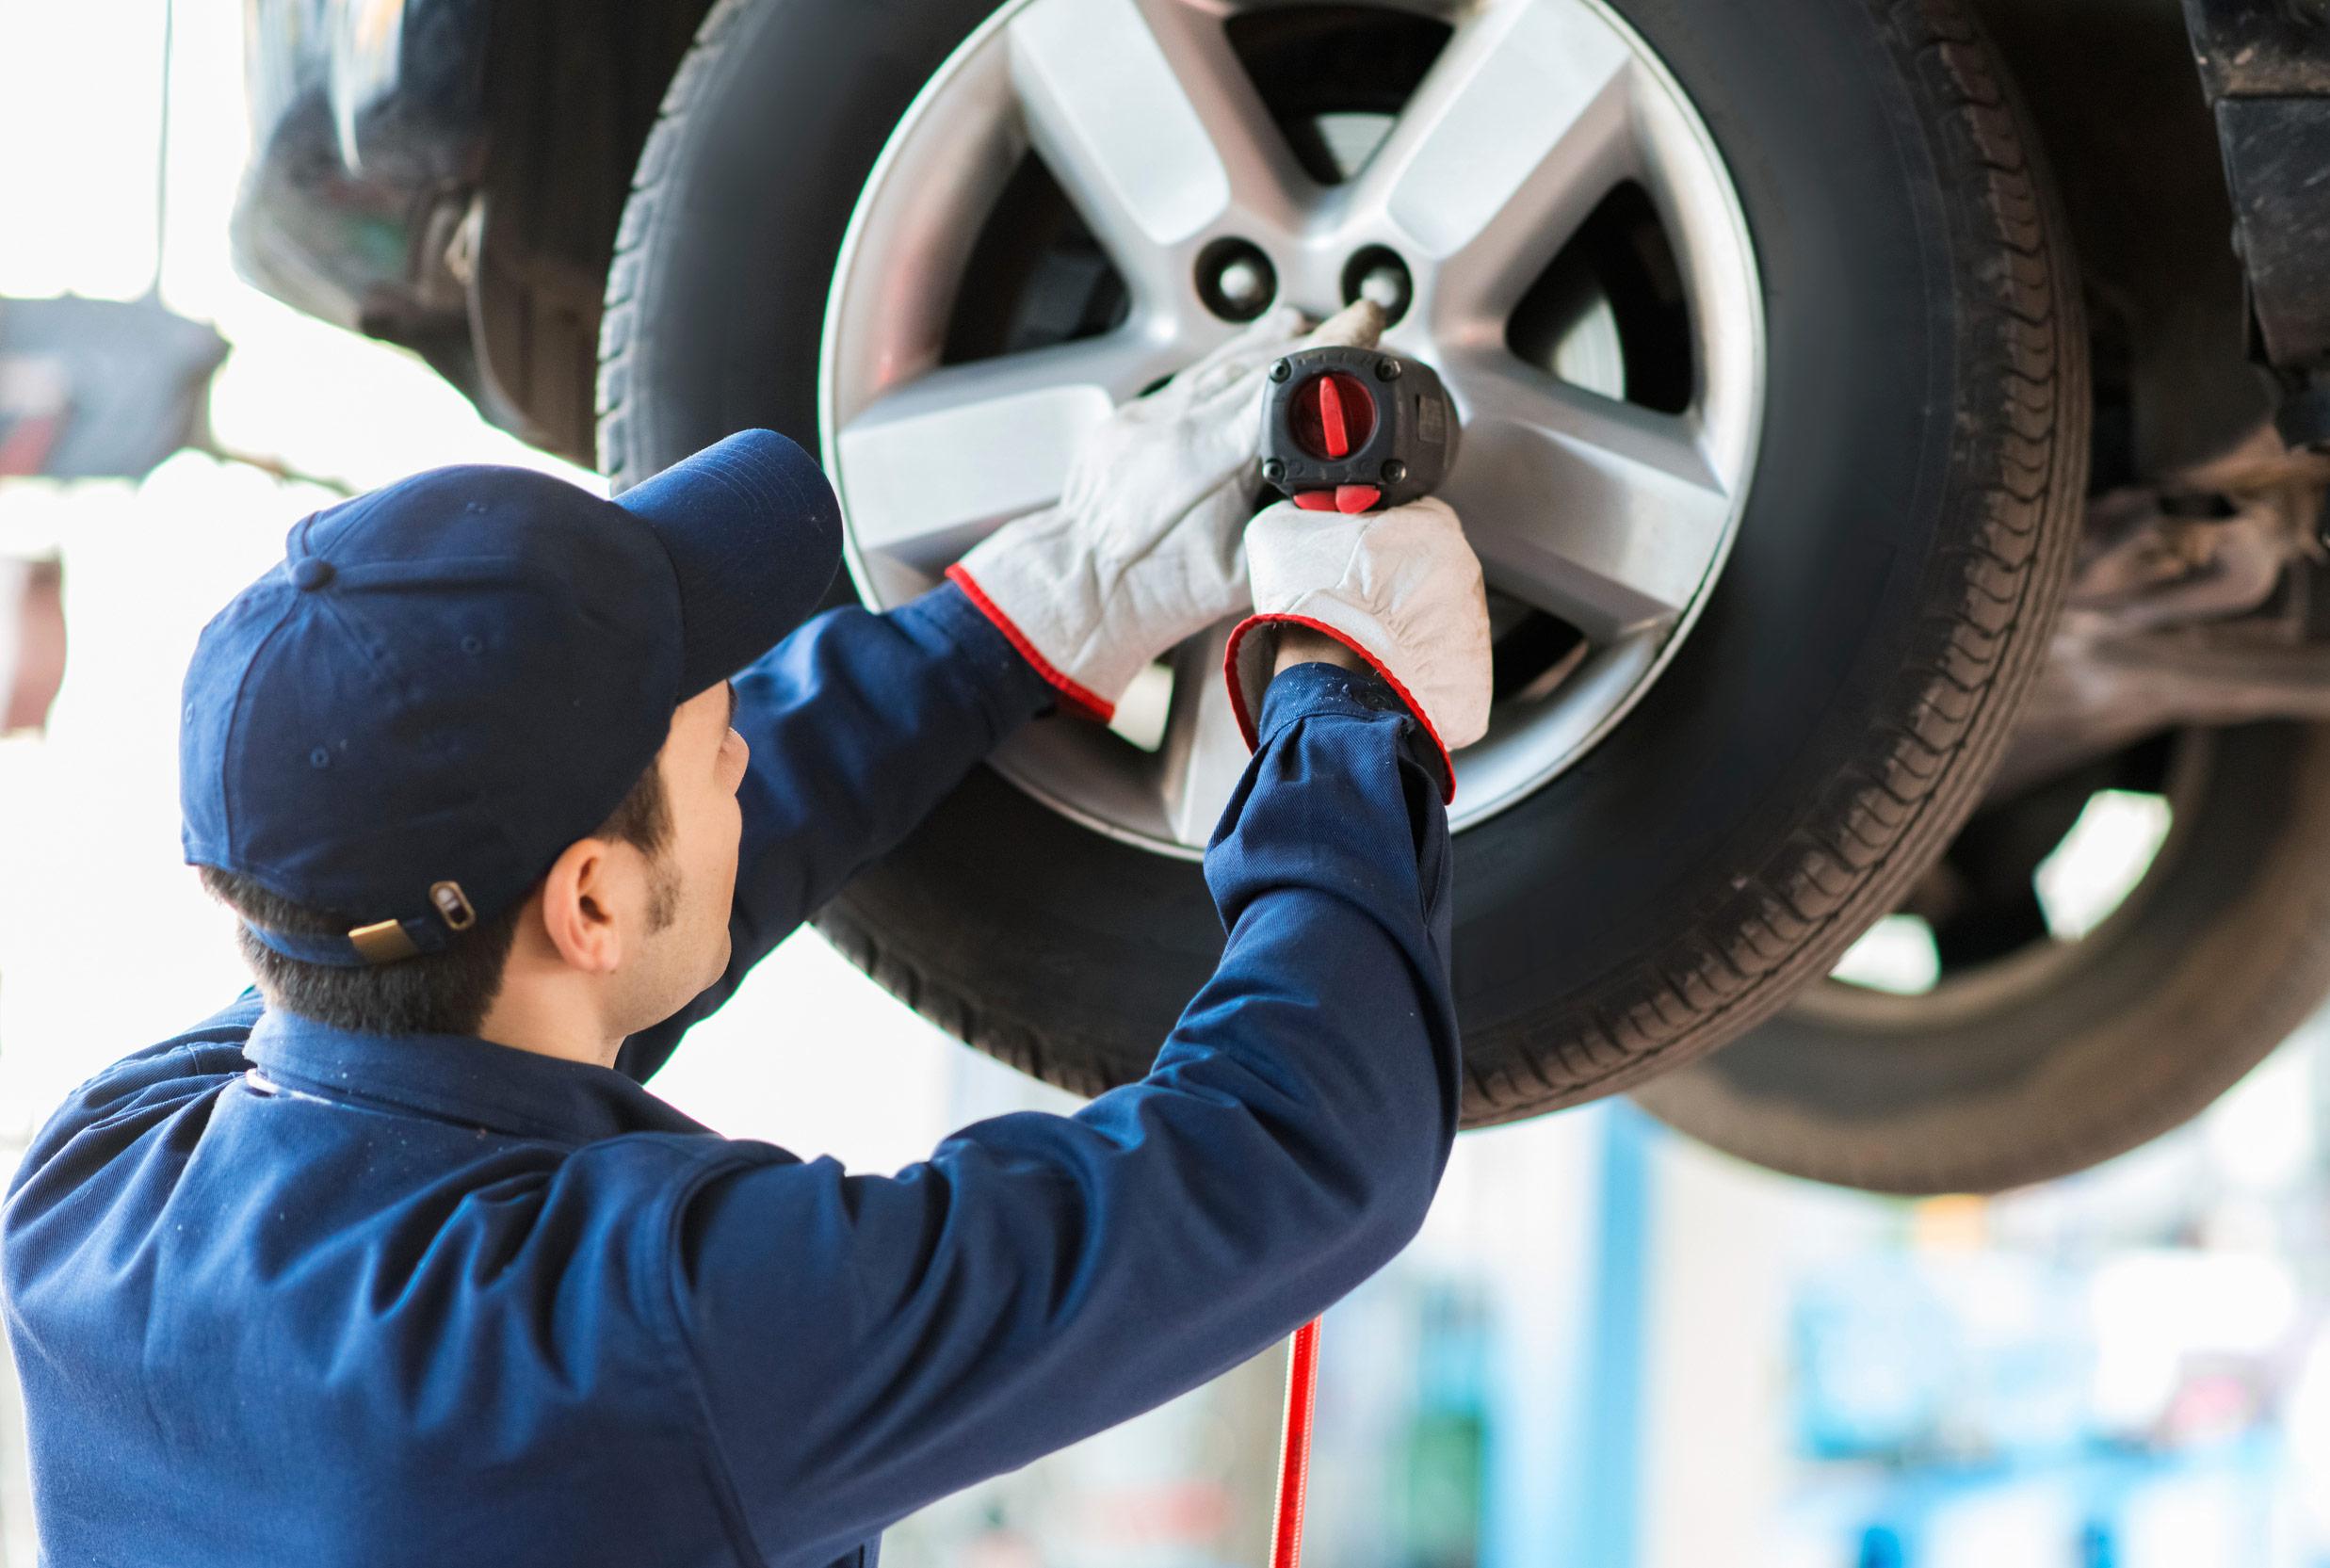 Bilreparation i Skänninge - bilreparation skänninge